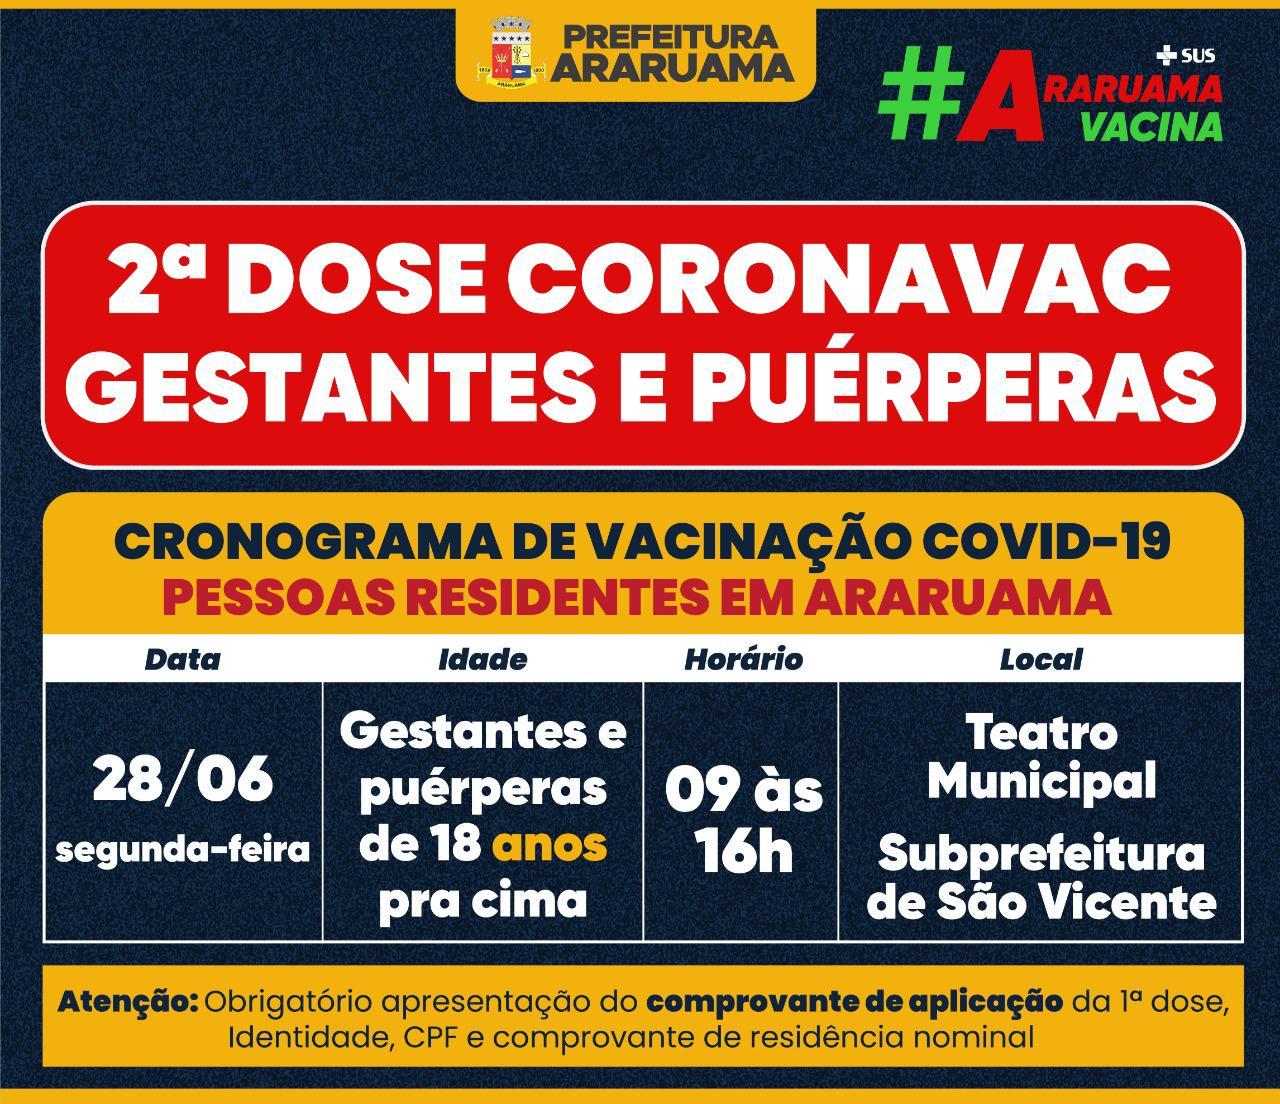 Calendário de vacinação da segunda dose da Coronavac para gestantes e puérperas